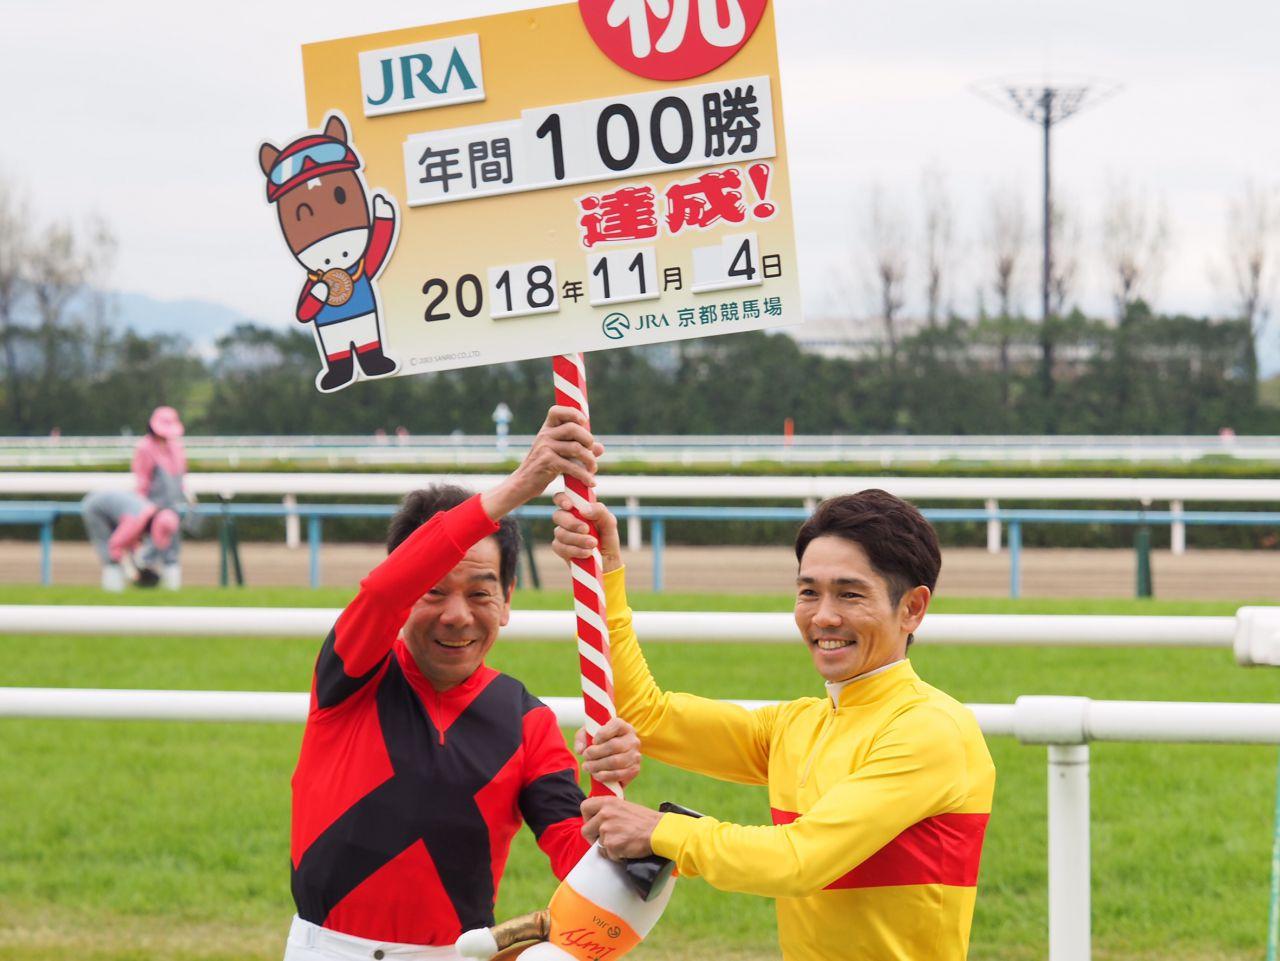 戸崎圭太が年間100勝達成!レジェンド的場文男騎手もお祝いのコメント